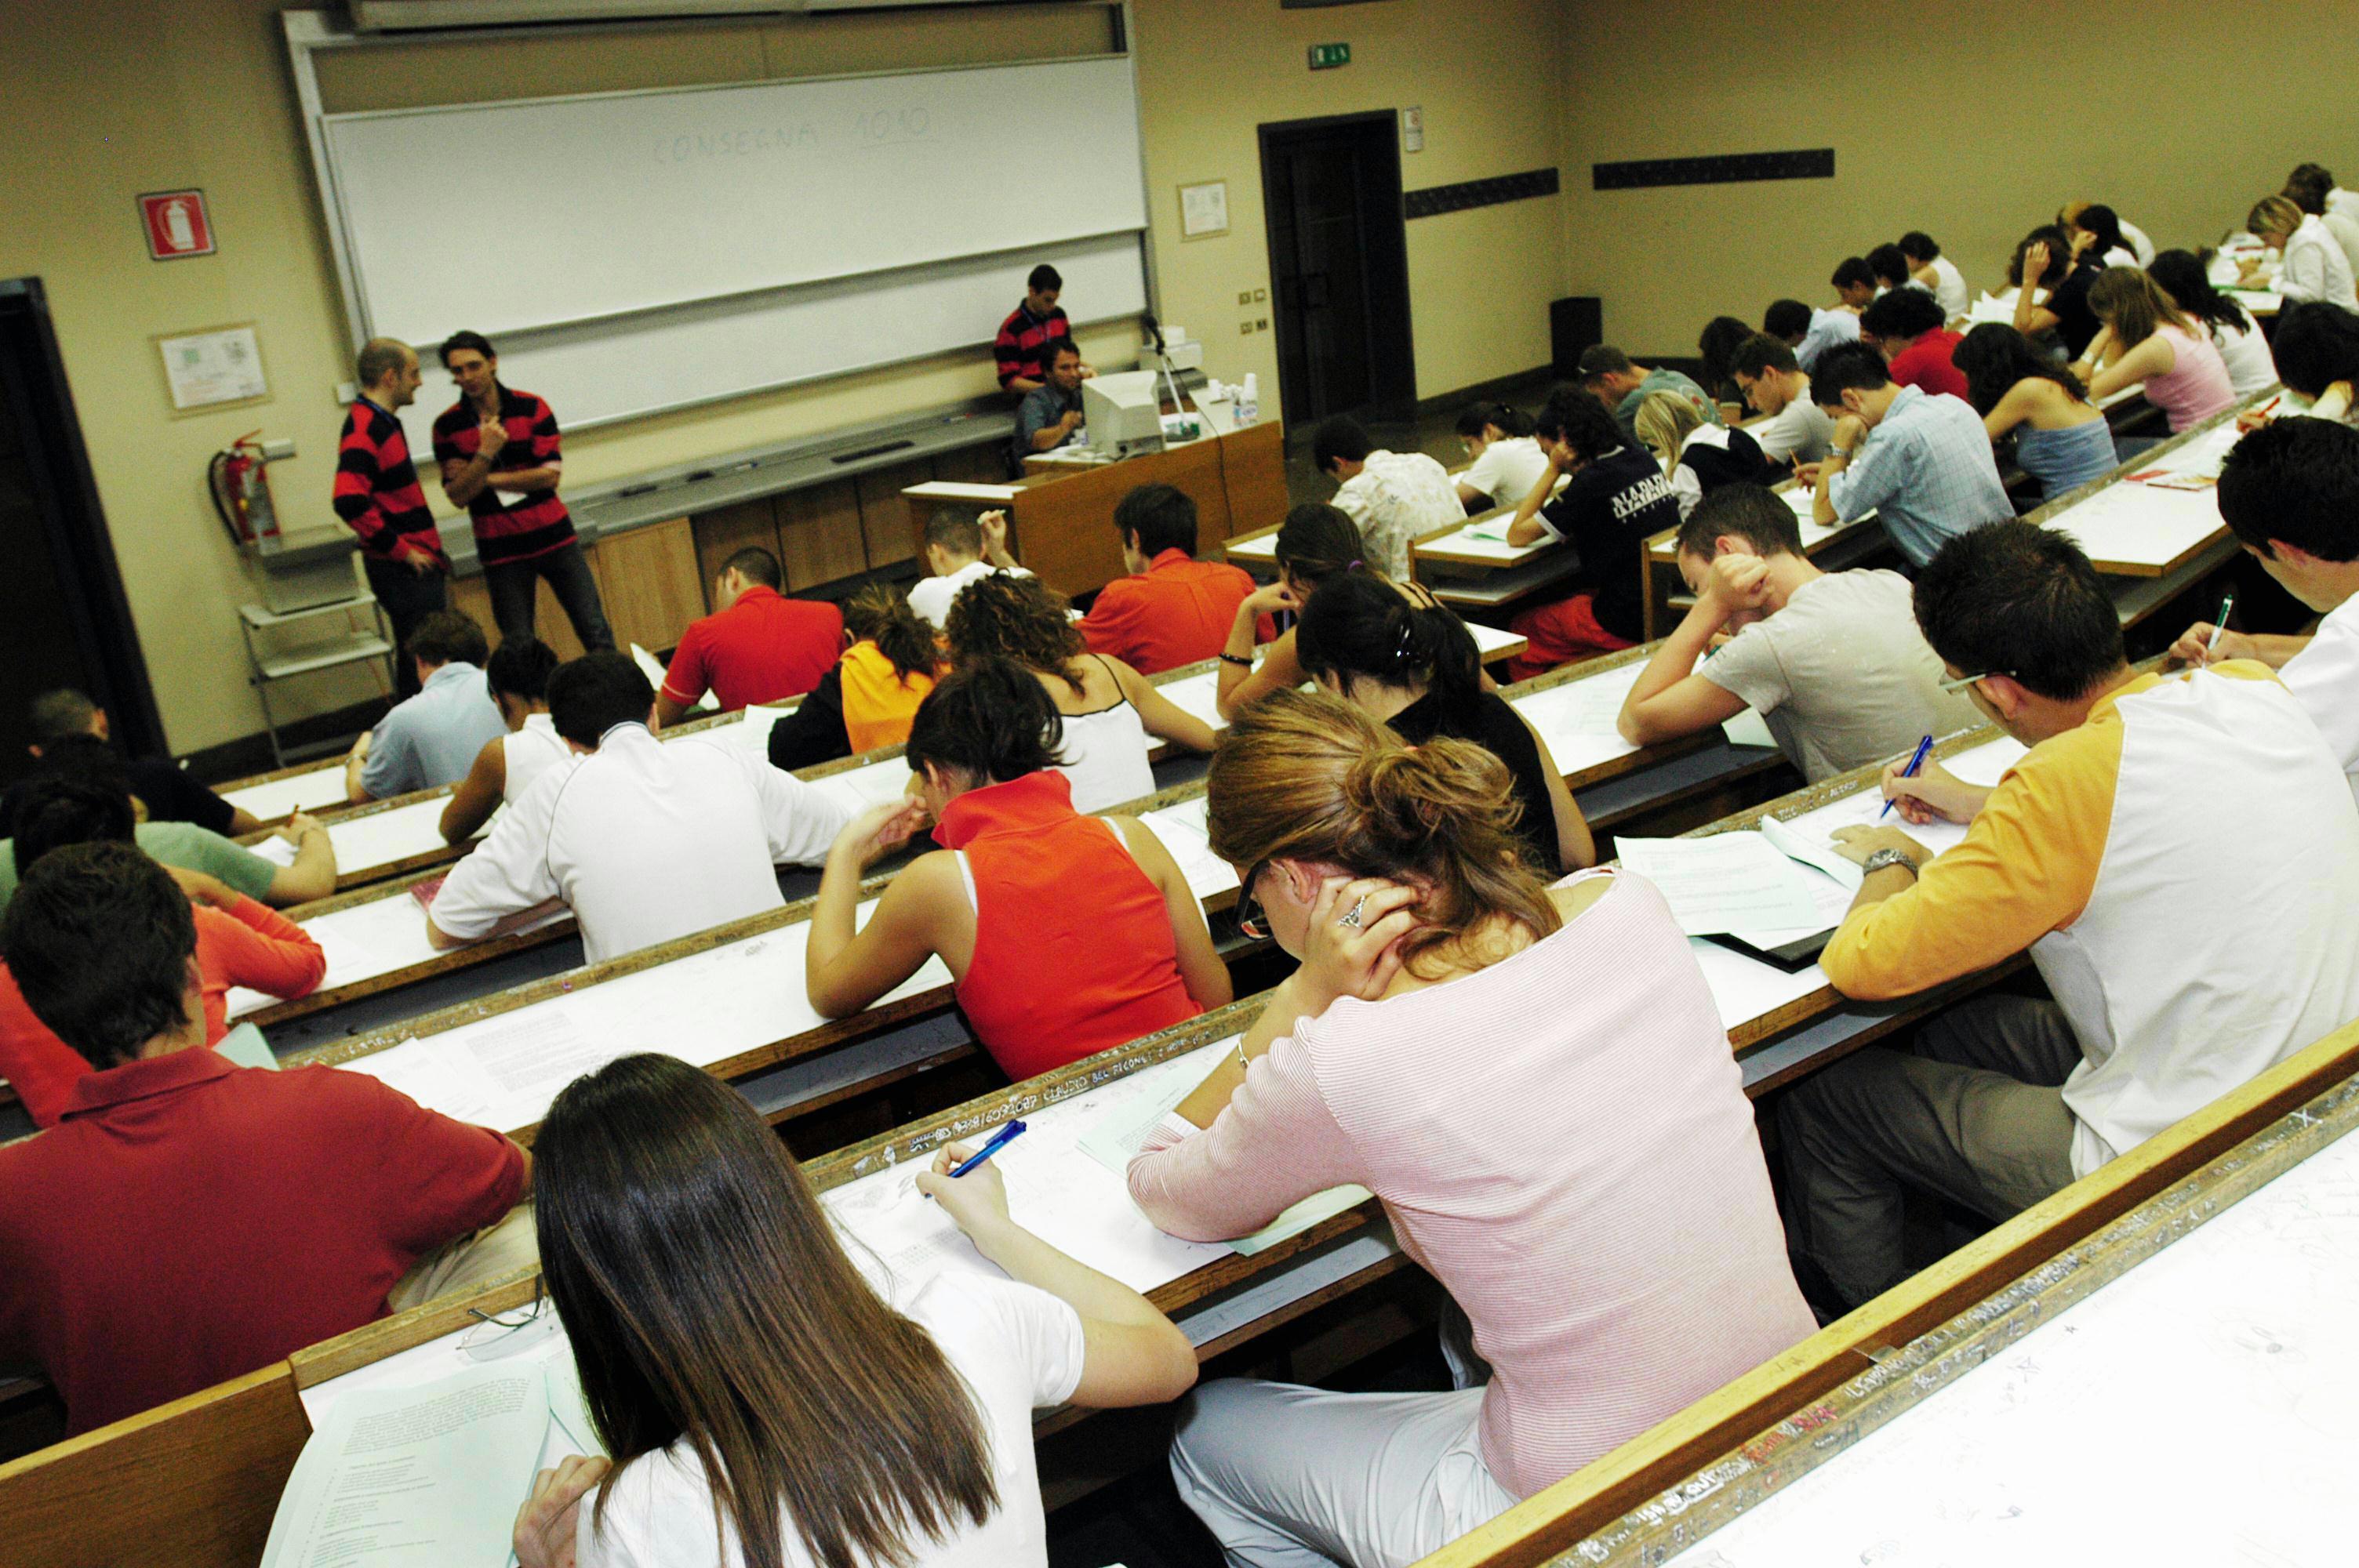 La didattica all'università